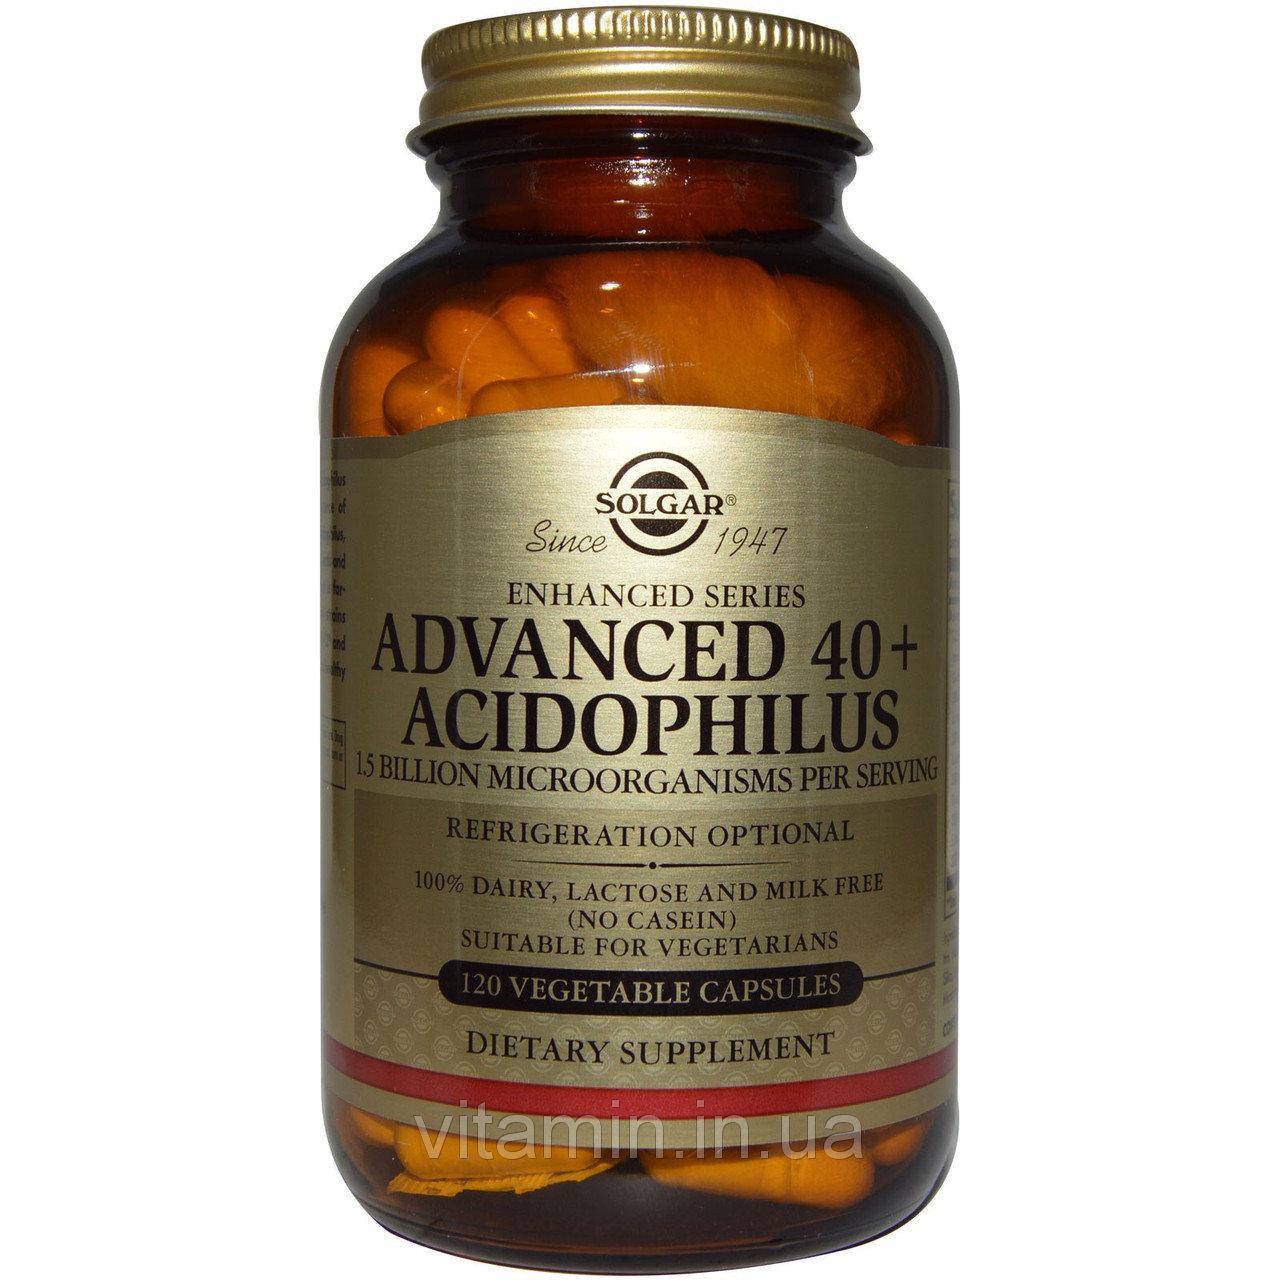 Хотите забыть о проблемах с кишечником? Покупайте ацидофилус!